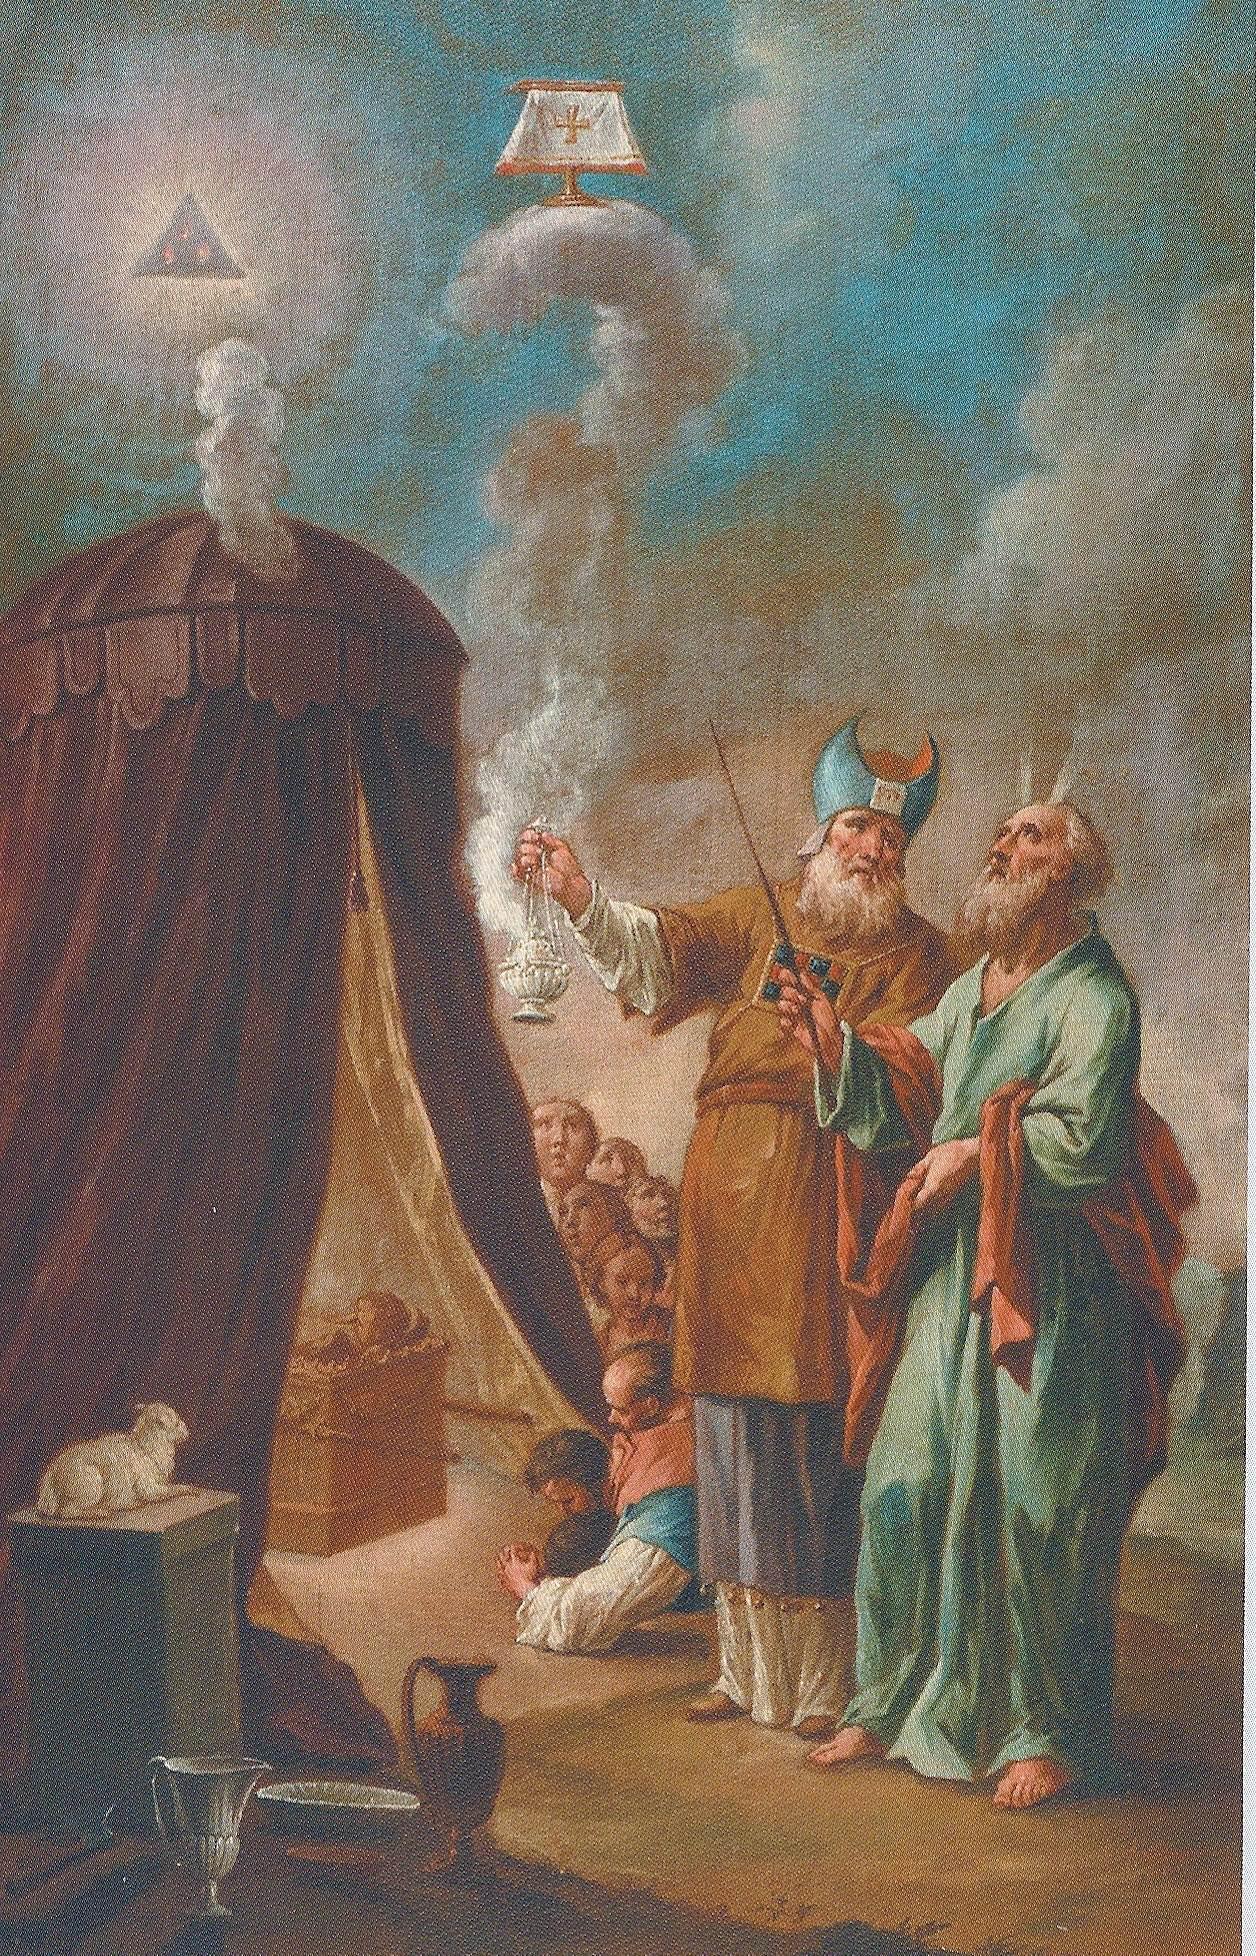 Tabernaculo con el Arca en su interior, se puede ver a Moises y Aaron fuera del mismo. Pintura de Leopold Layer.